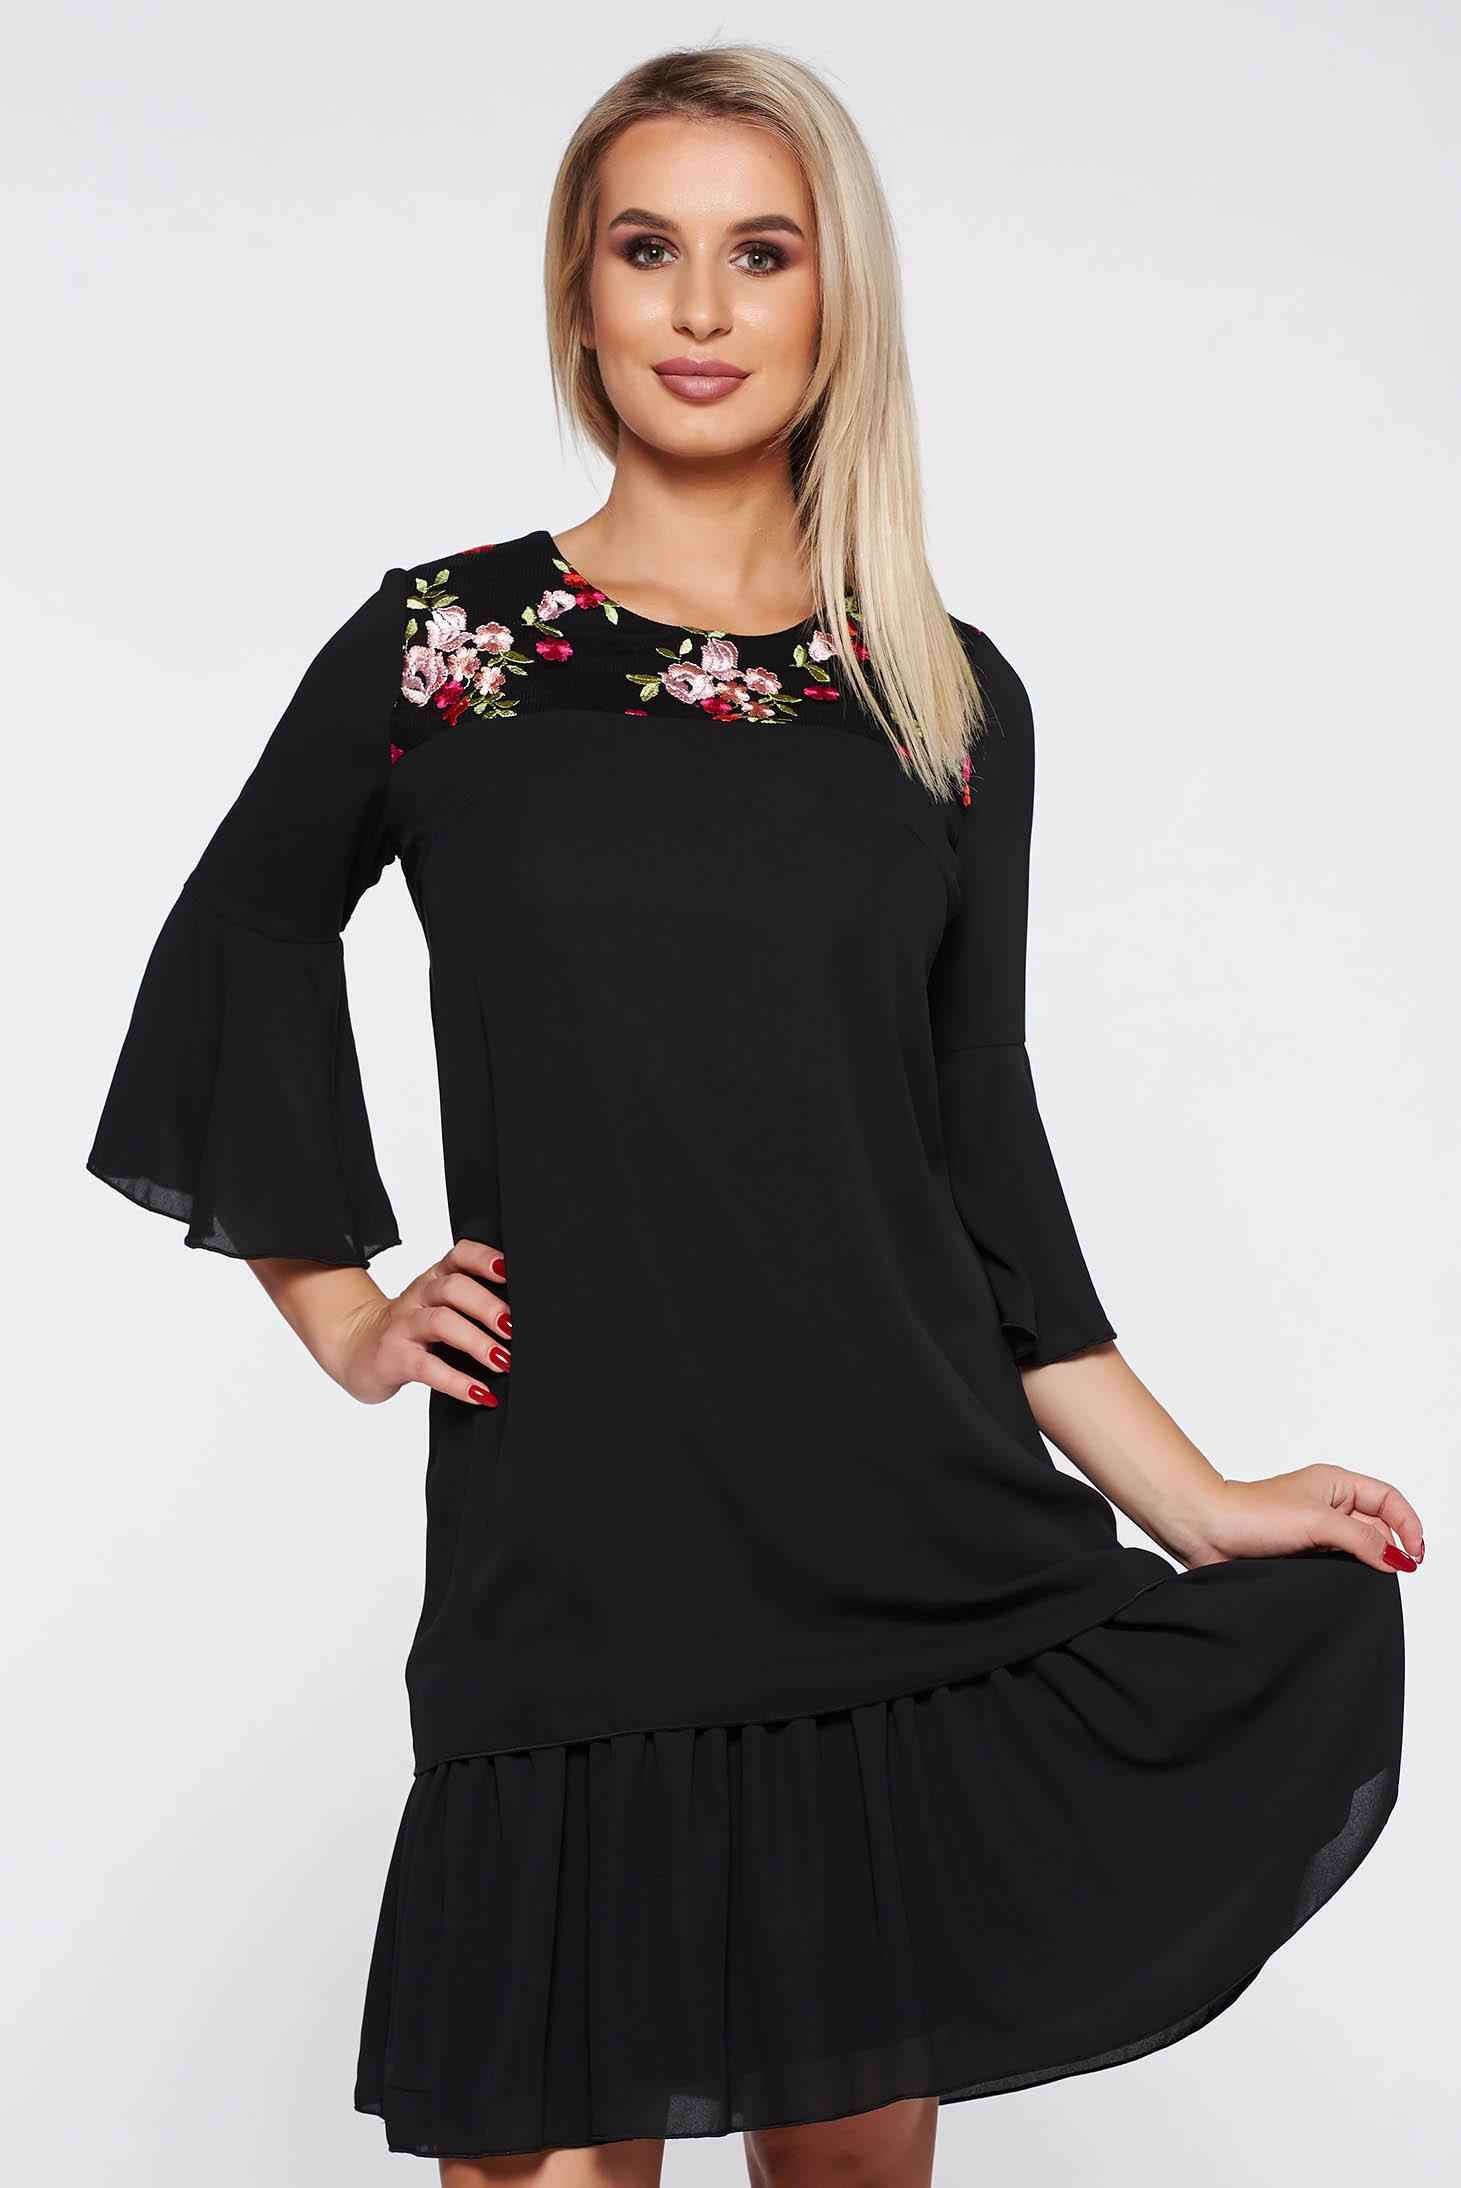 Fekete elegáns bő szabású ruha vékony anyag tűll elől hímzett